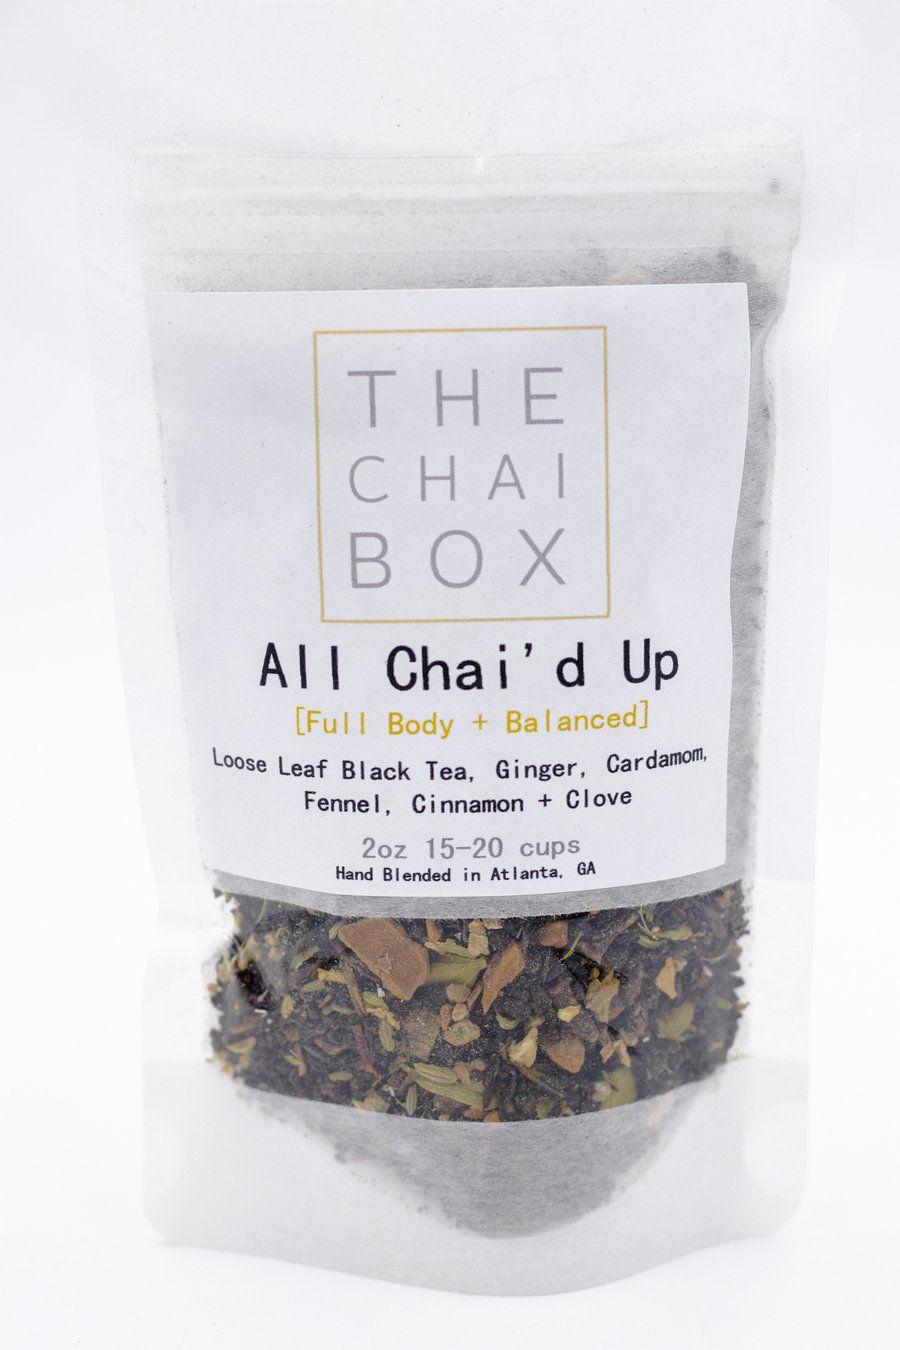 the-chai-box-all-chaid-up